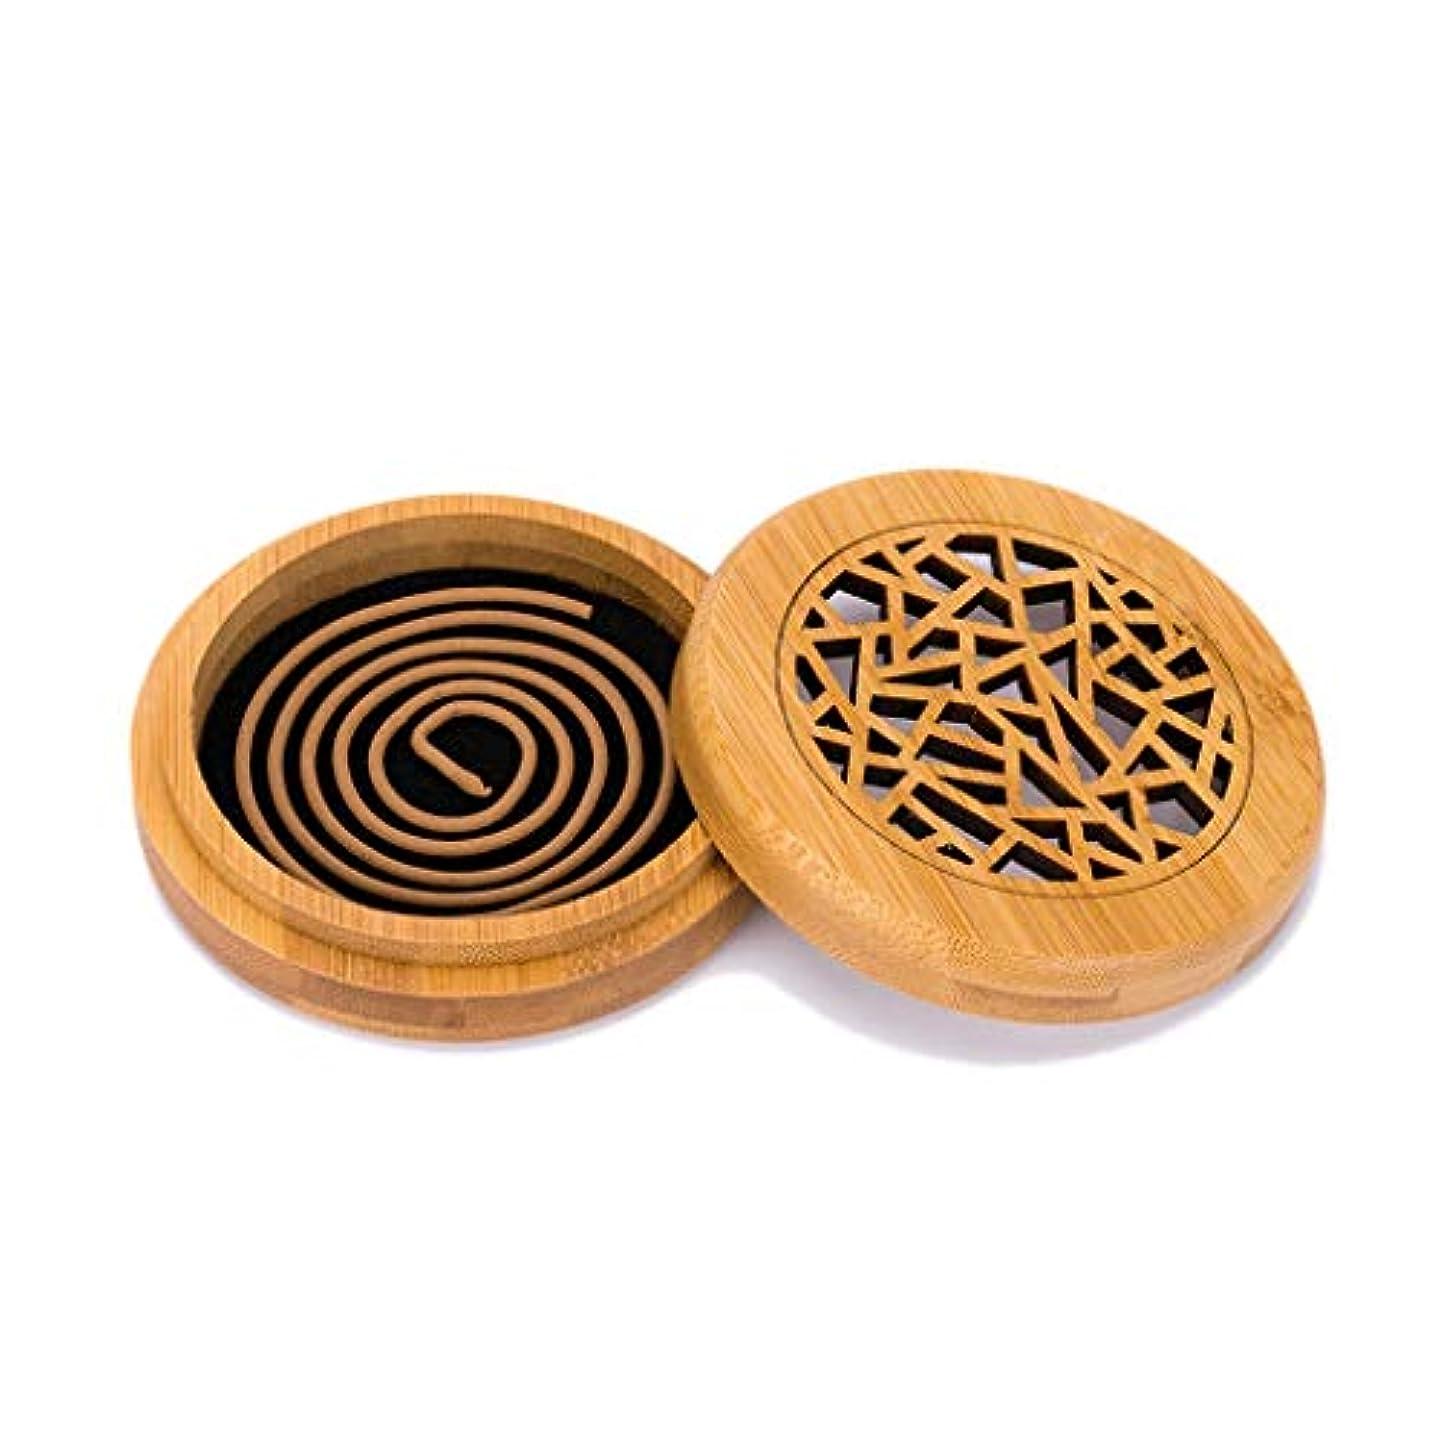 攻撃賠償ナサニエル区竹の香バーナーコイルの香バーナー部屋の装飾瞑想竹の香り天然素材香ホルダー (Color : WOOD, サイズ : Round)